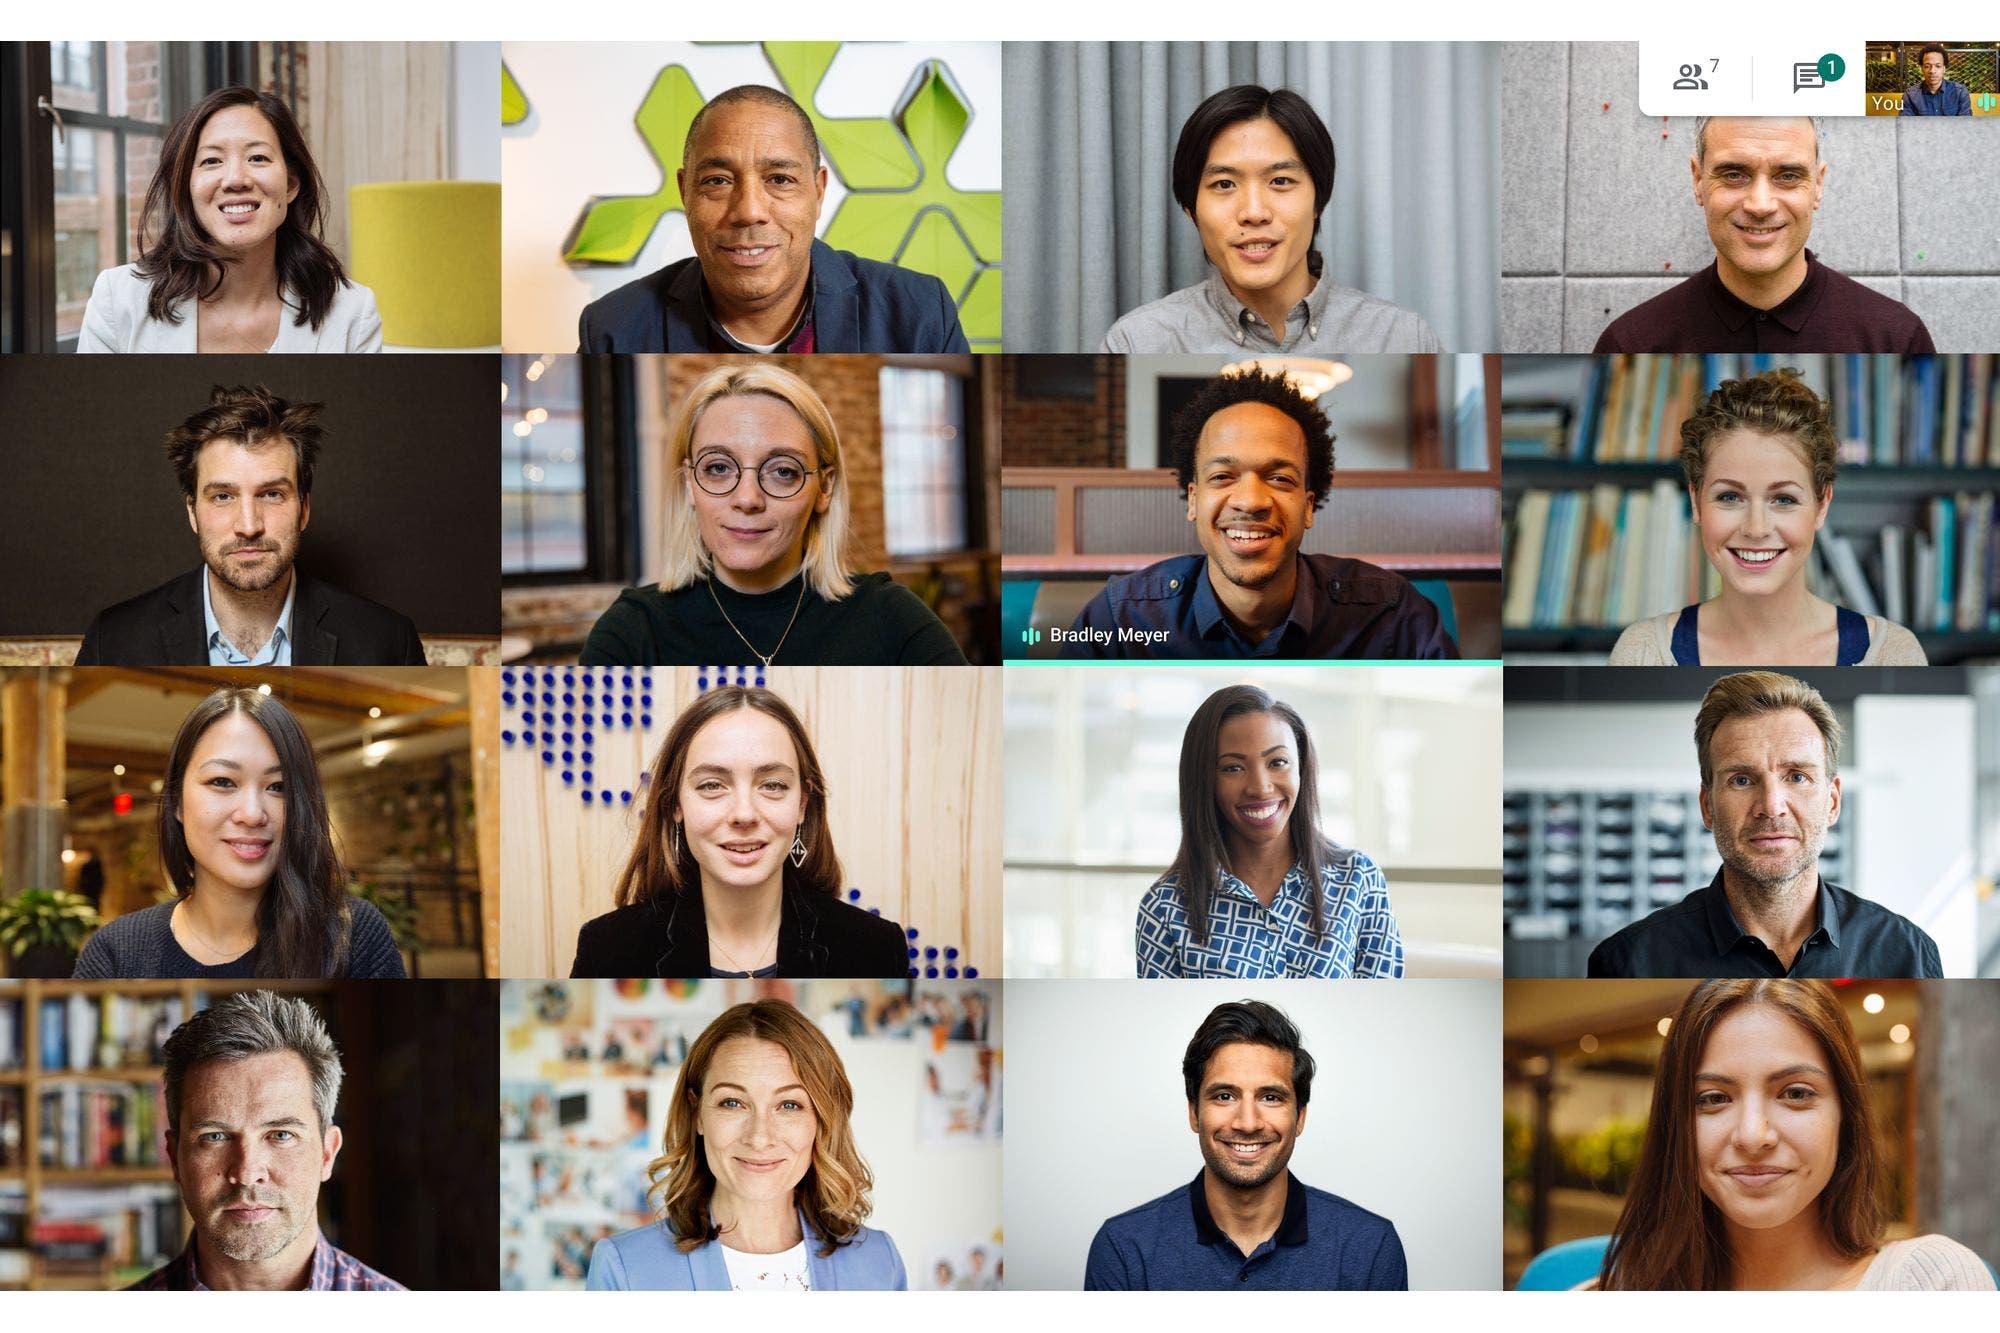 Google Meet: extienden el uso gratis sin límite de tiempo a marzo de 2021